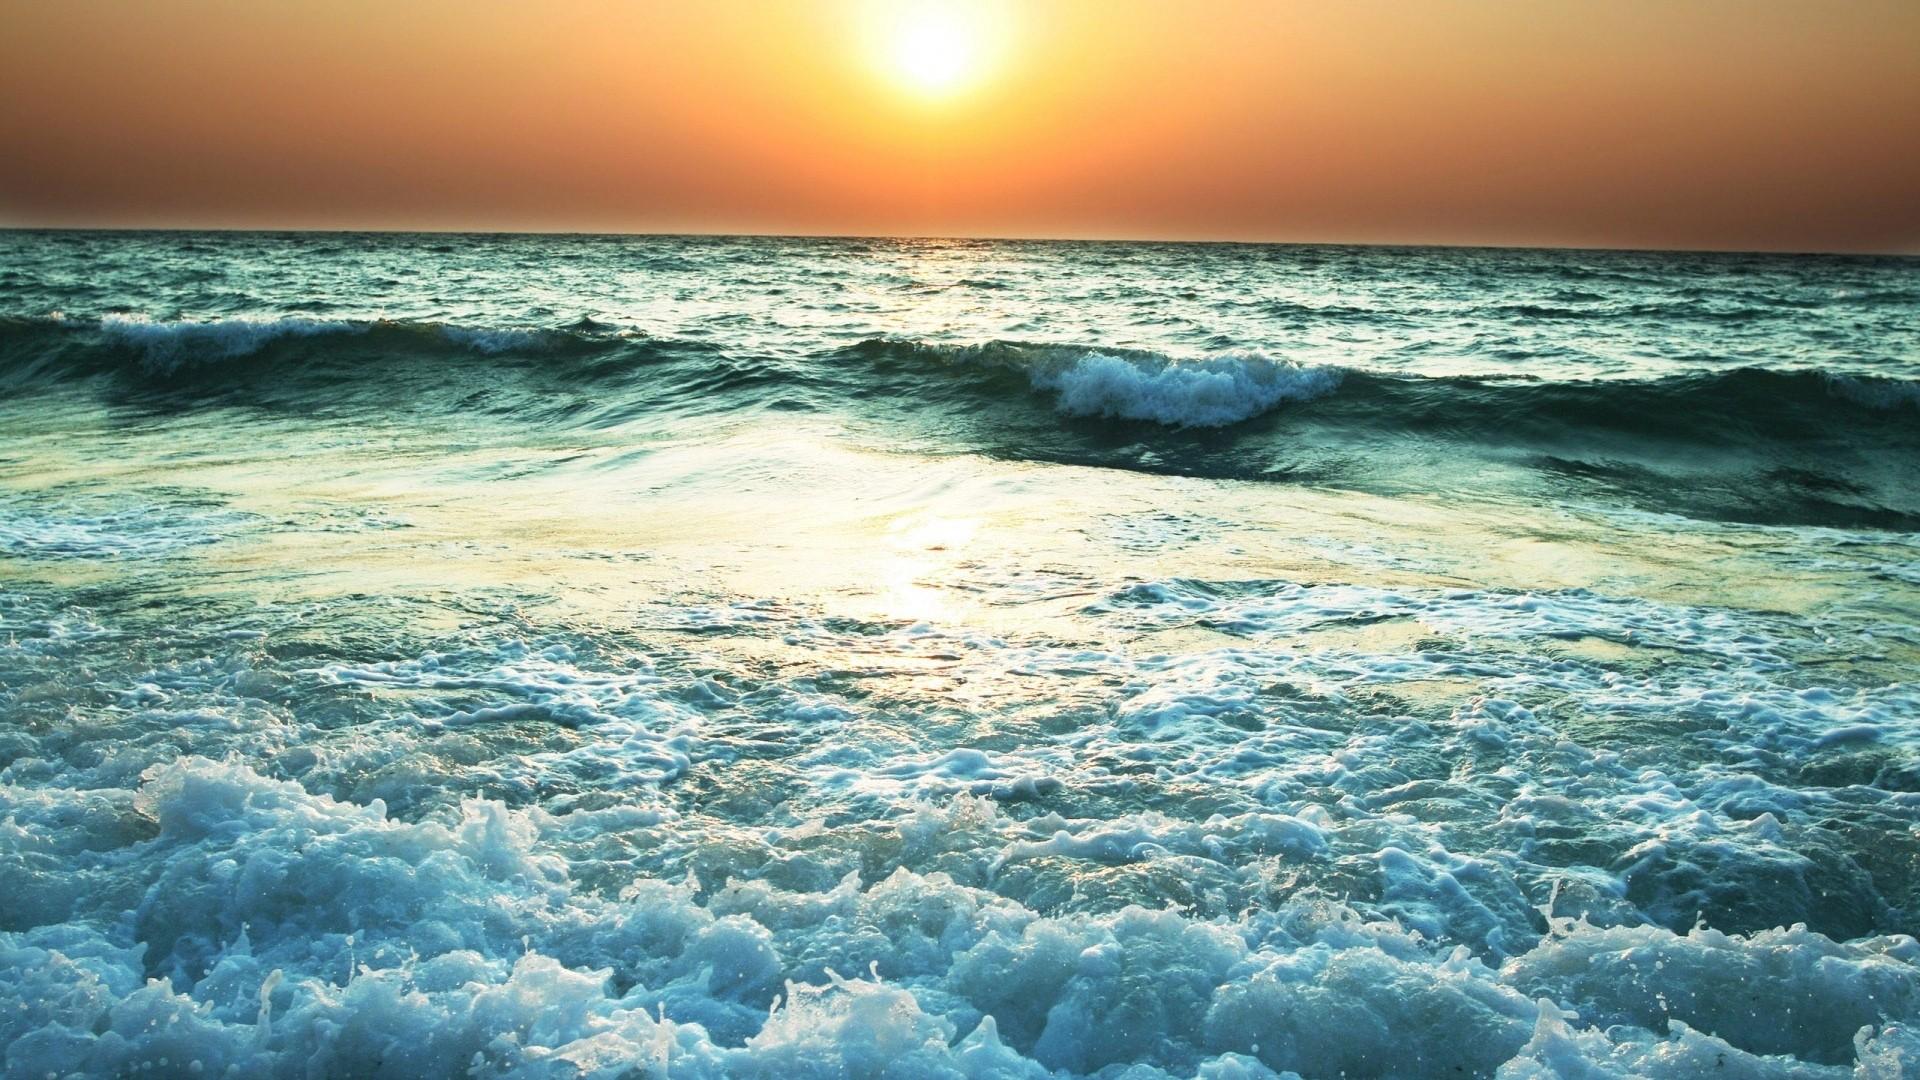 Ocean Nature Wallpaper theme